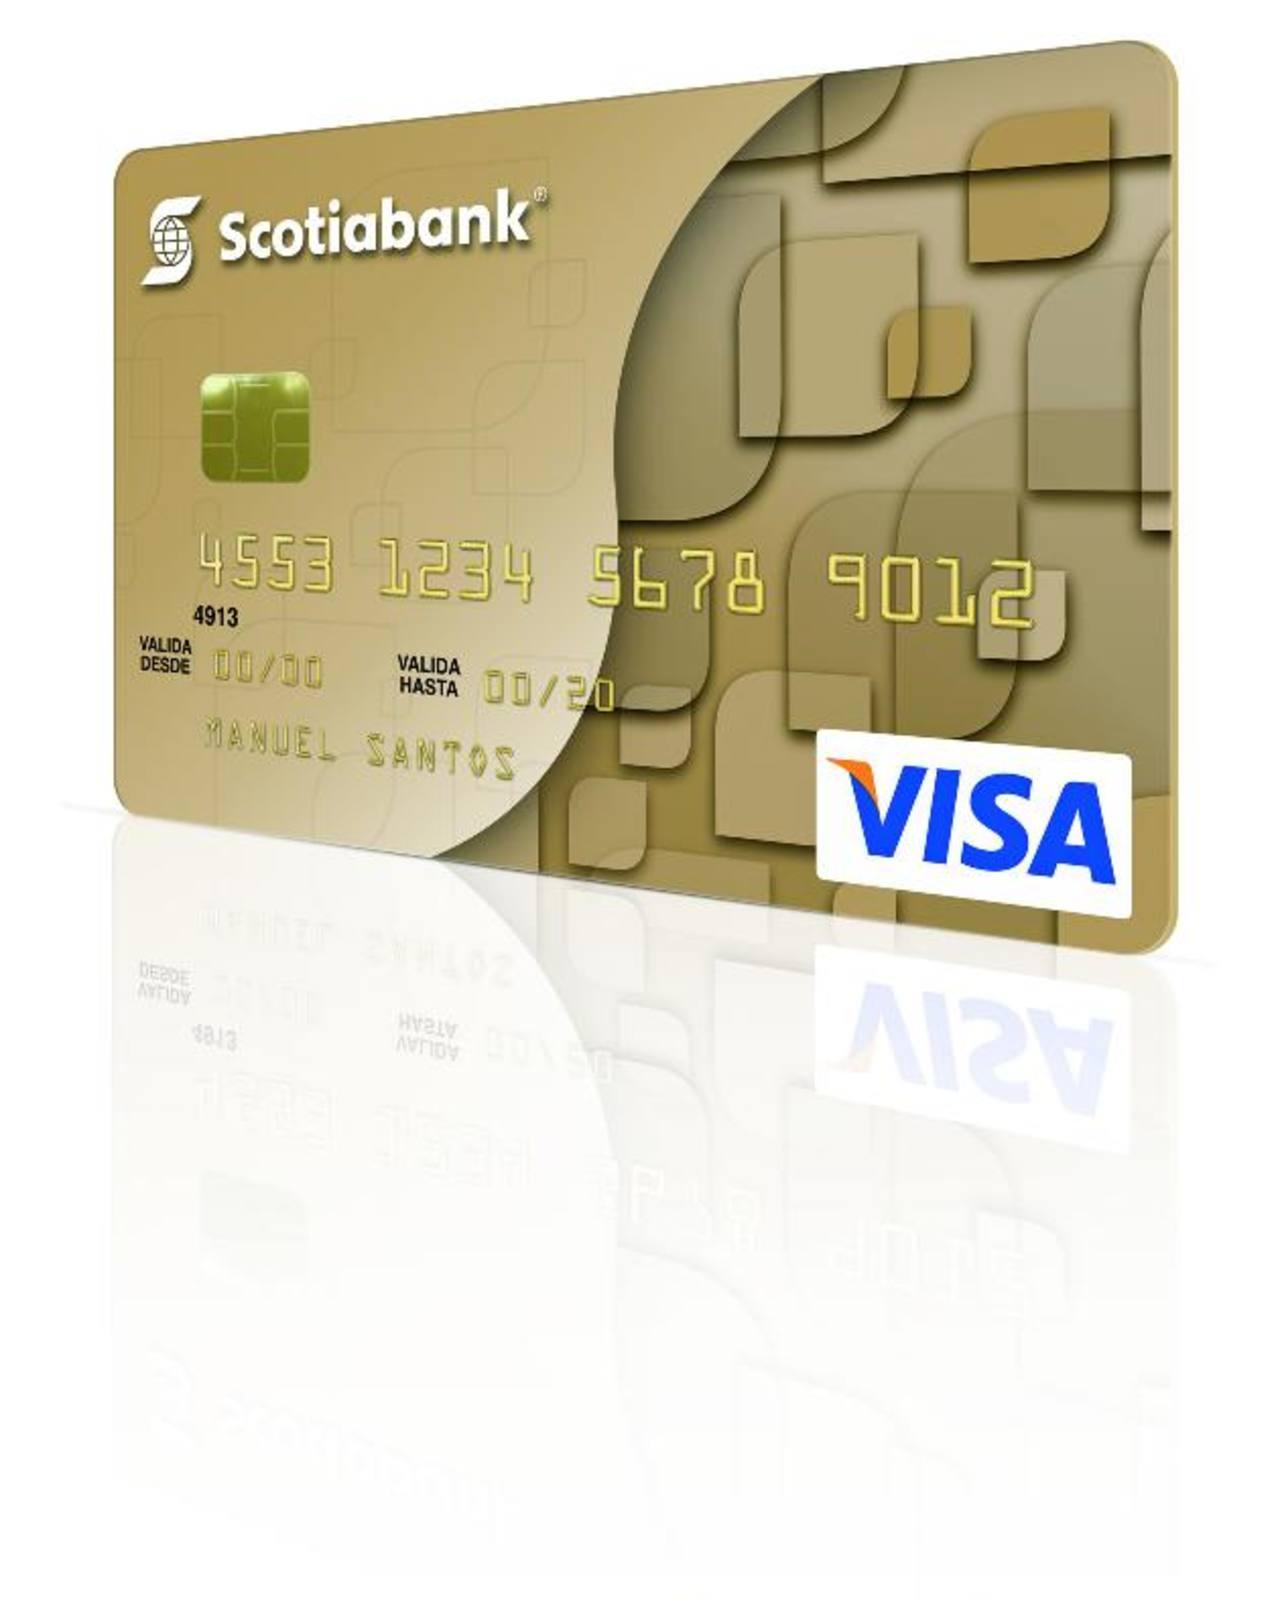 Los tarjetahabientes de Scotiabank pueden disfrutar de esta promoción. Foto eDH/ Cortesía.